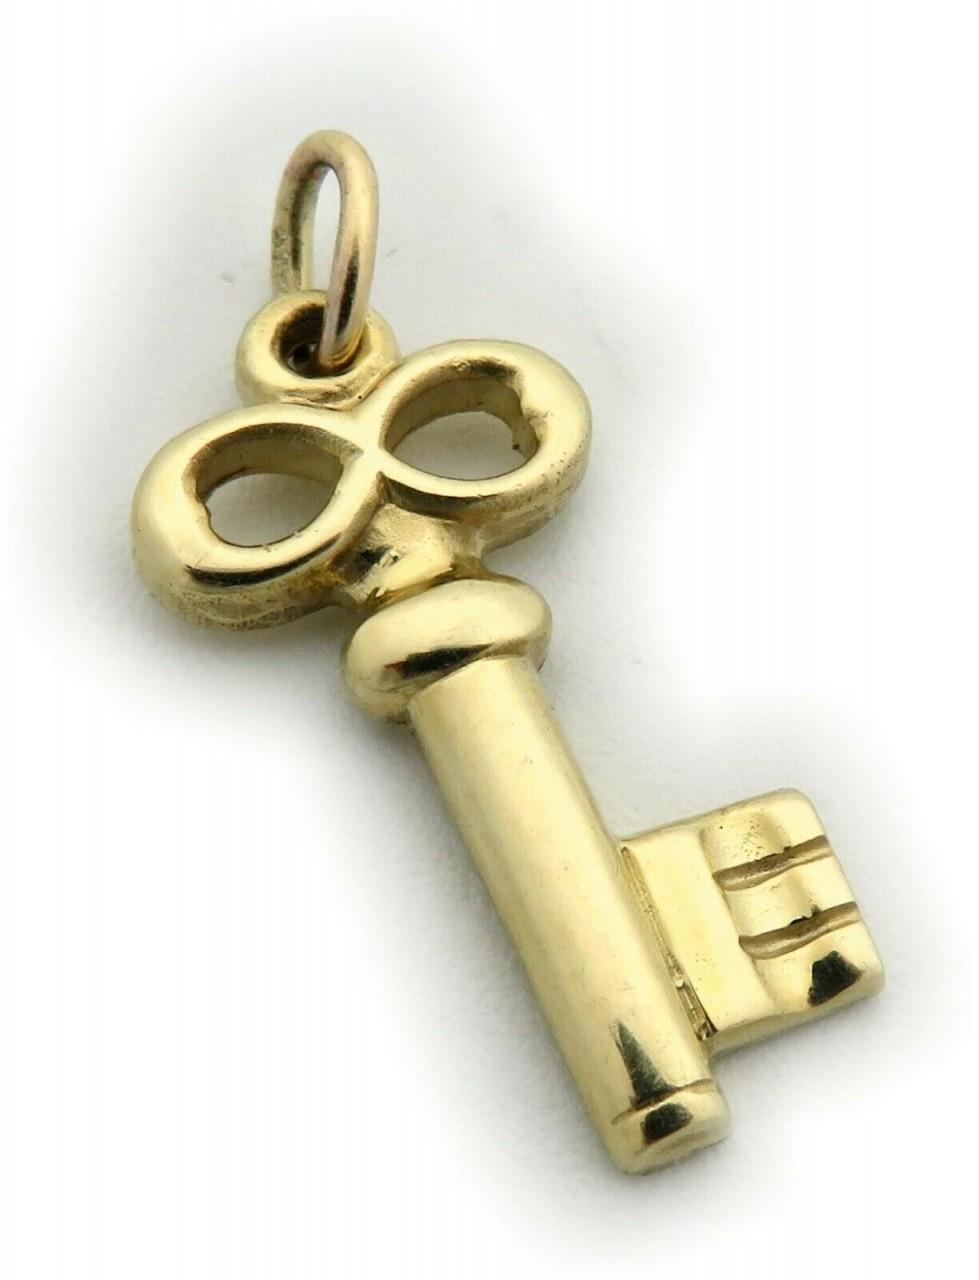 Neu Anhänger Schlüssel echt Gold 585 massiv Gelbgold 14 karat Schloss Top Qual.